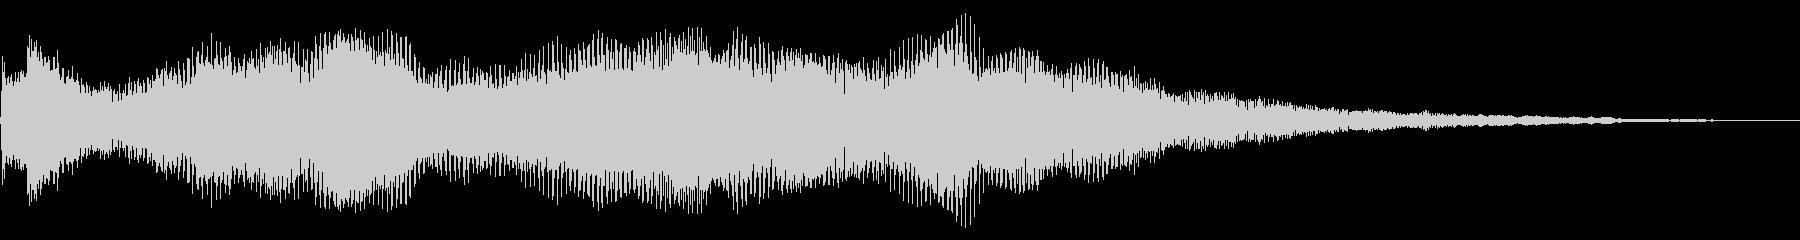 ブレークトランジションまたはロゴの後の未再生の波形